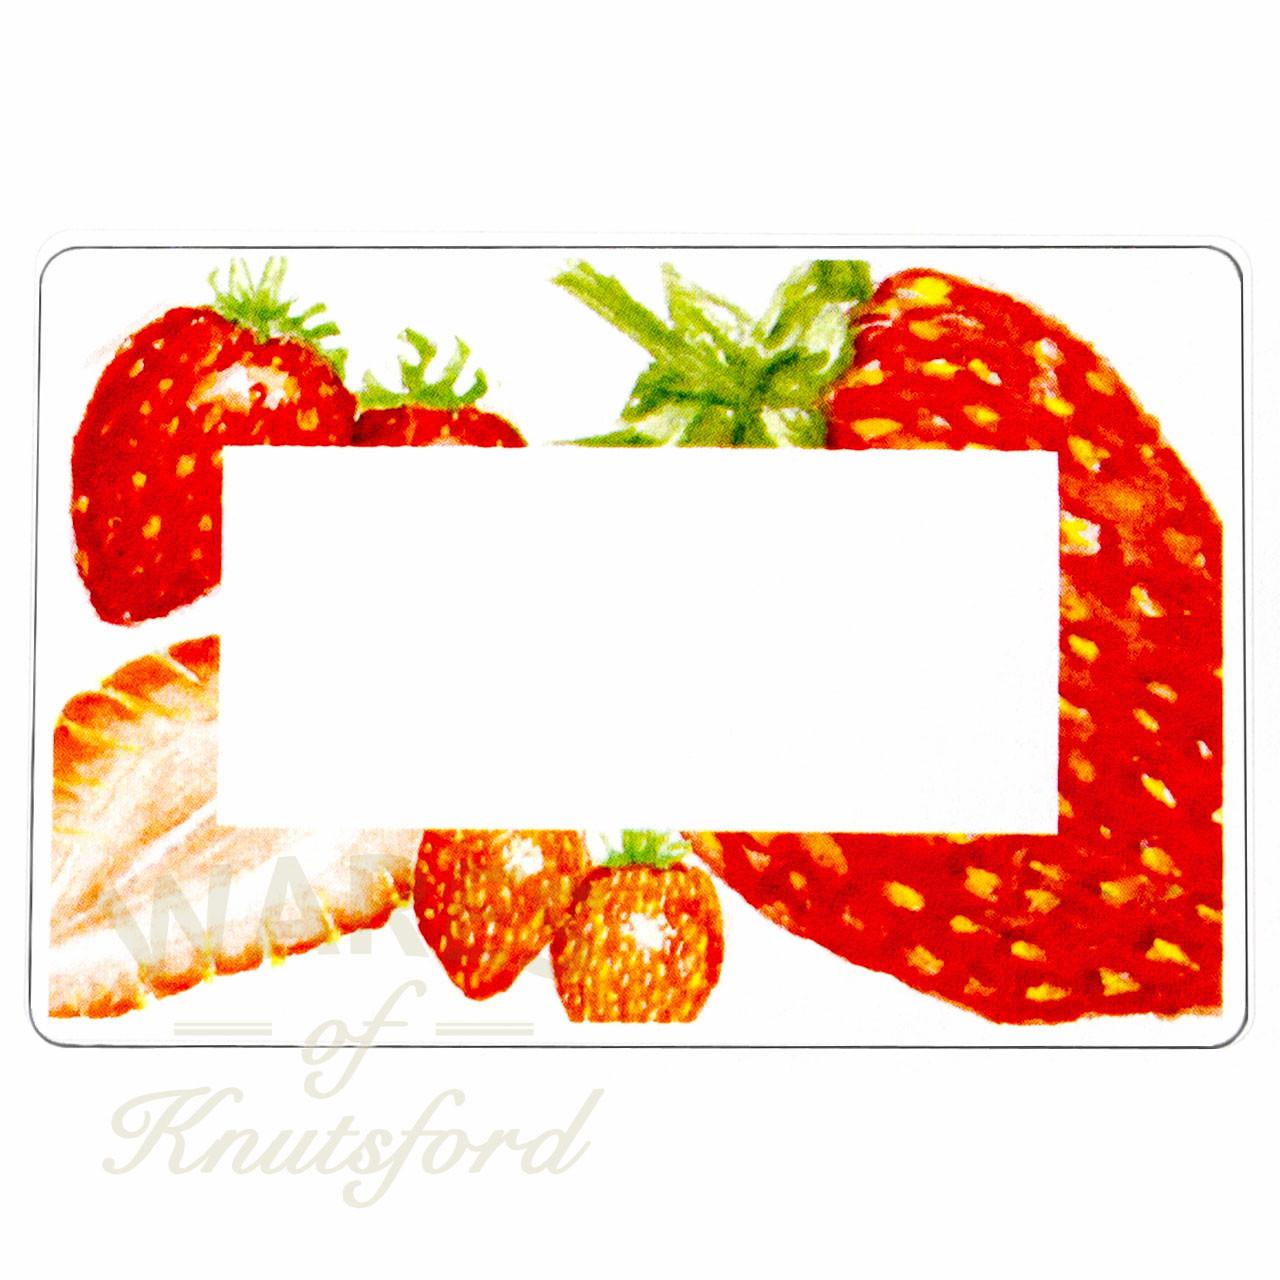 Cheshire strawberry picking